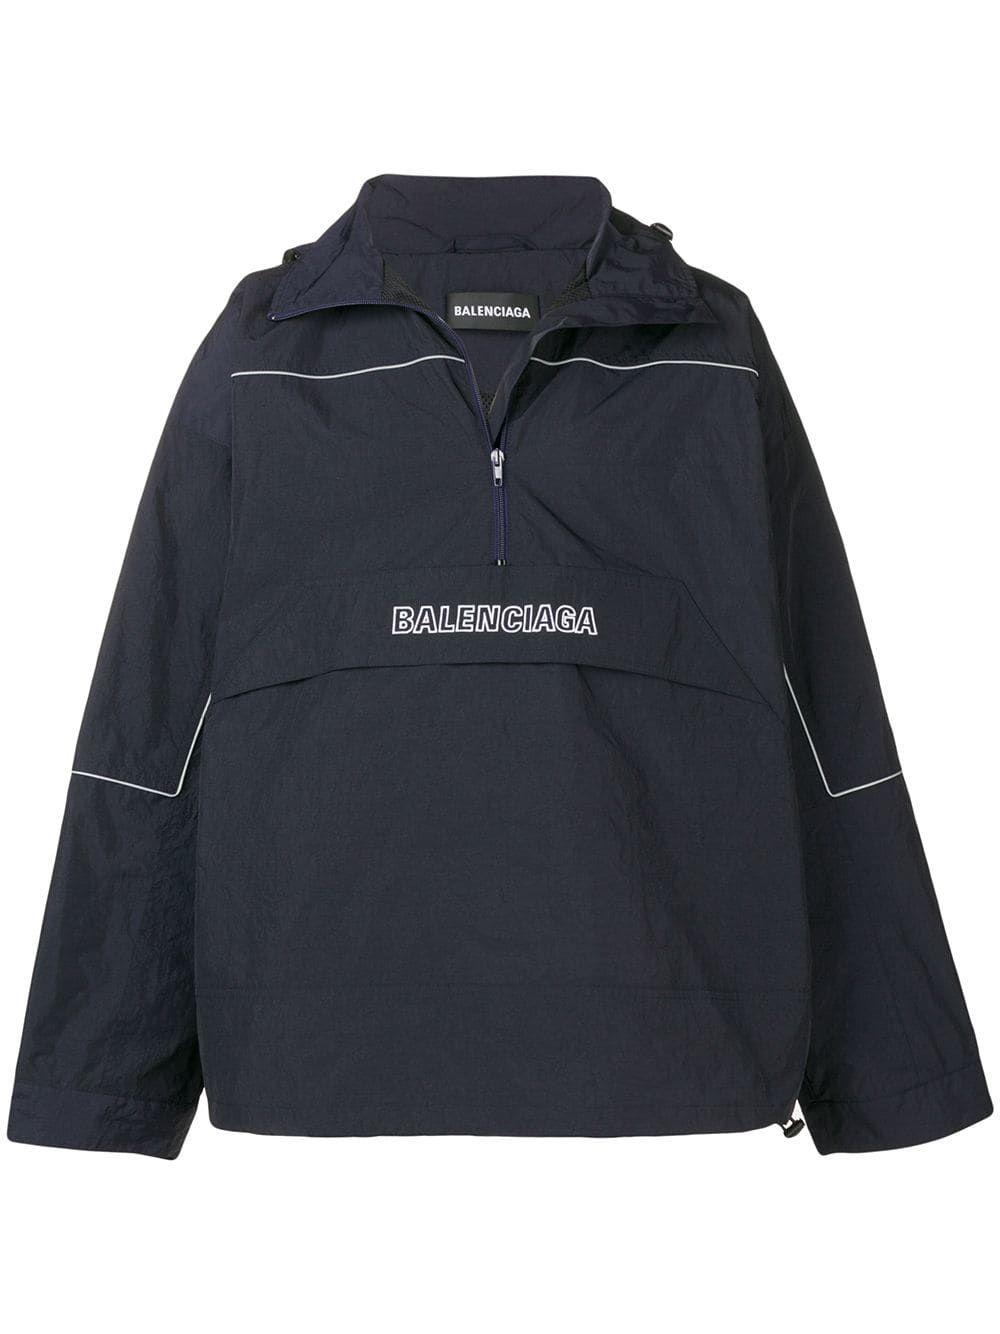 BALENCIAGA BALENCIAGA WINDBREAKER BLUE. #balenciaga #cloth